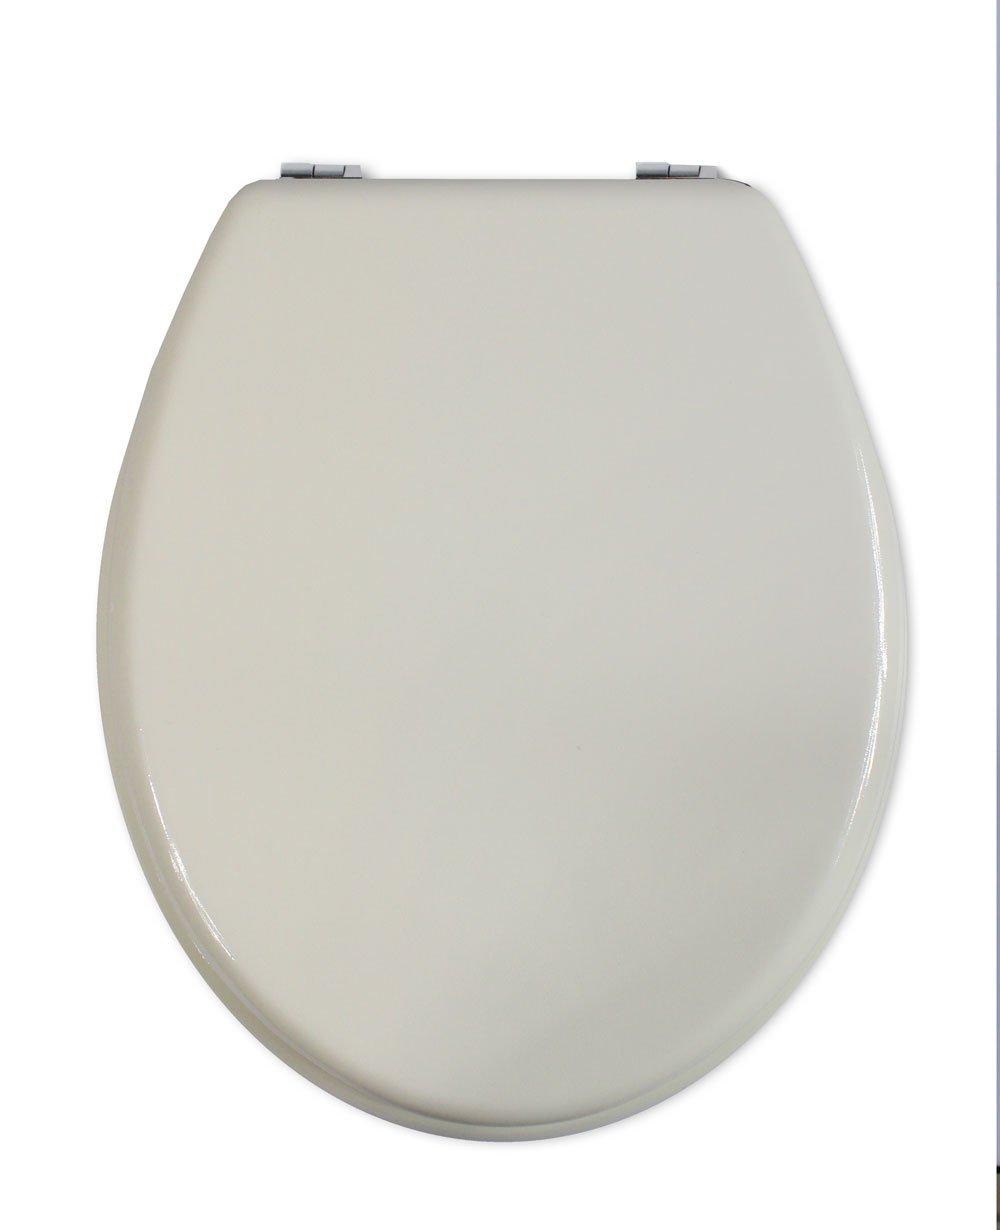 Vetrineinrete Copriwater universale in legno MDF tavoletta da bagno wc con cerniere in acciaio inox resistente (Avorio) P86 Vetrine in rete